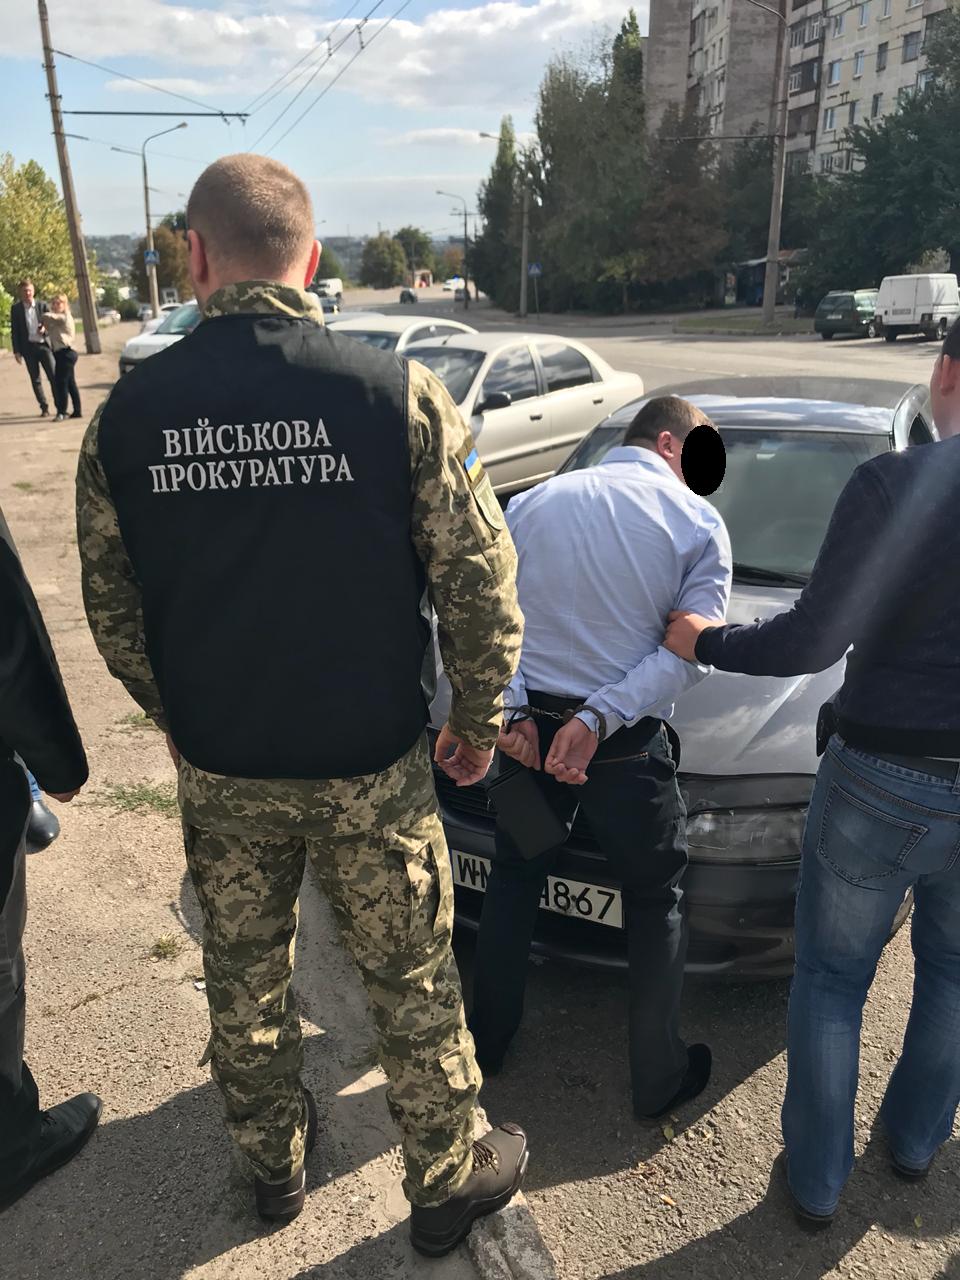 Запорожский прапорщик, который требовал 3,5 тысяч долларов взятки, отделался штрафом, фото-1